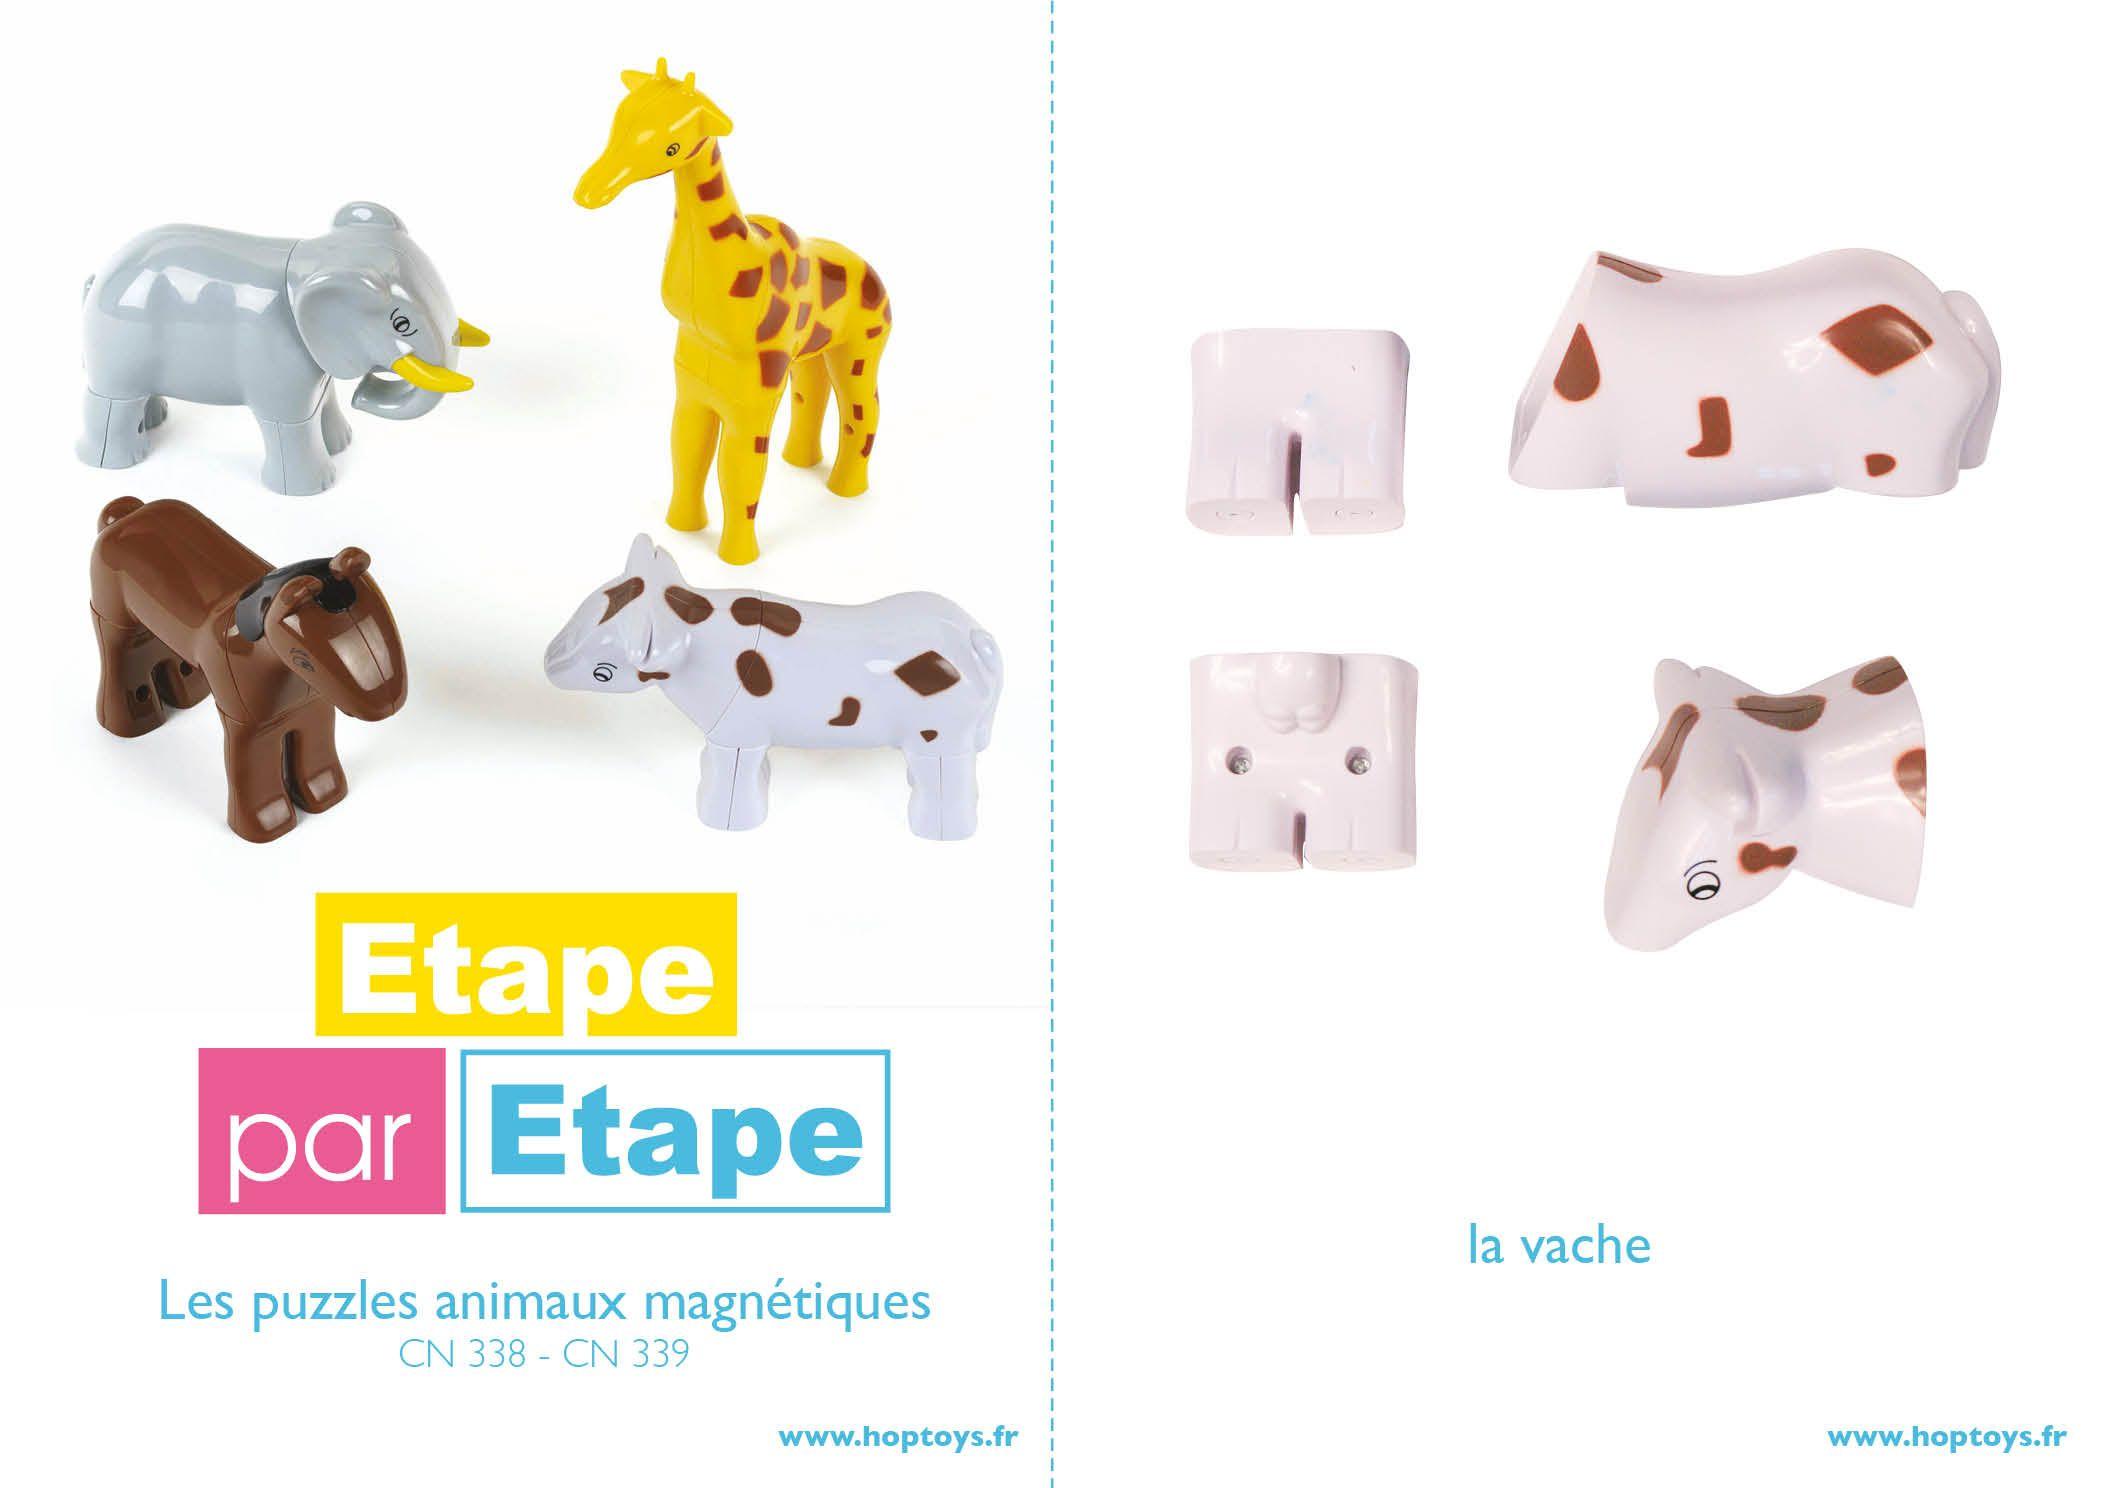 #etapeparetape construiree les animaux magnétiques #créativité #puzzle  http://bit.ly/1yaZXRI http://bloghoptoys.fr/ETAPE/etape-cn338.pdf